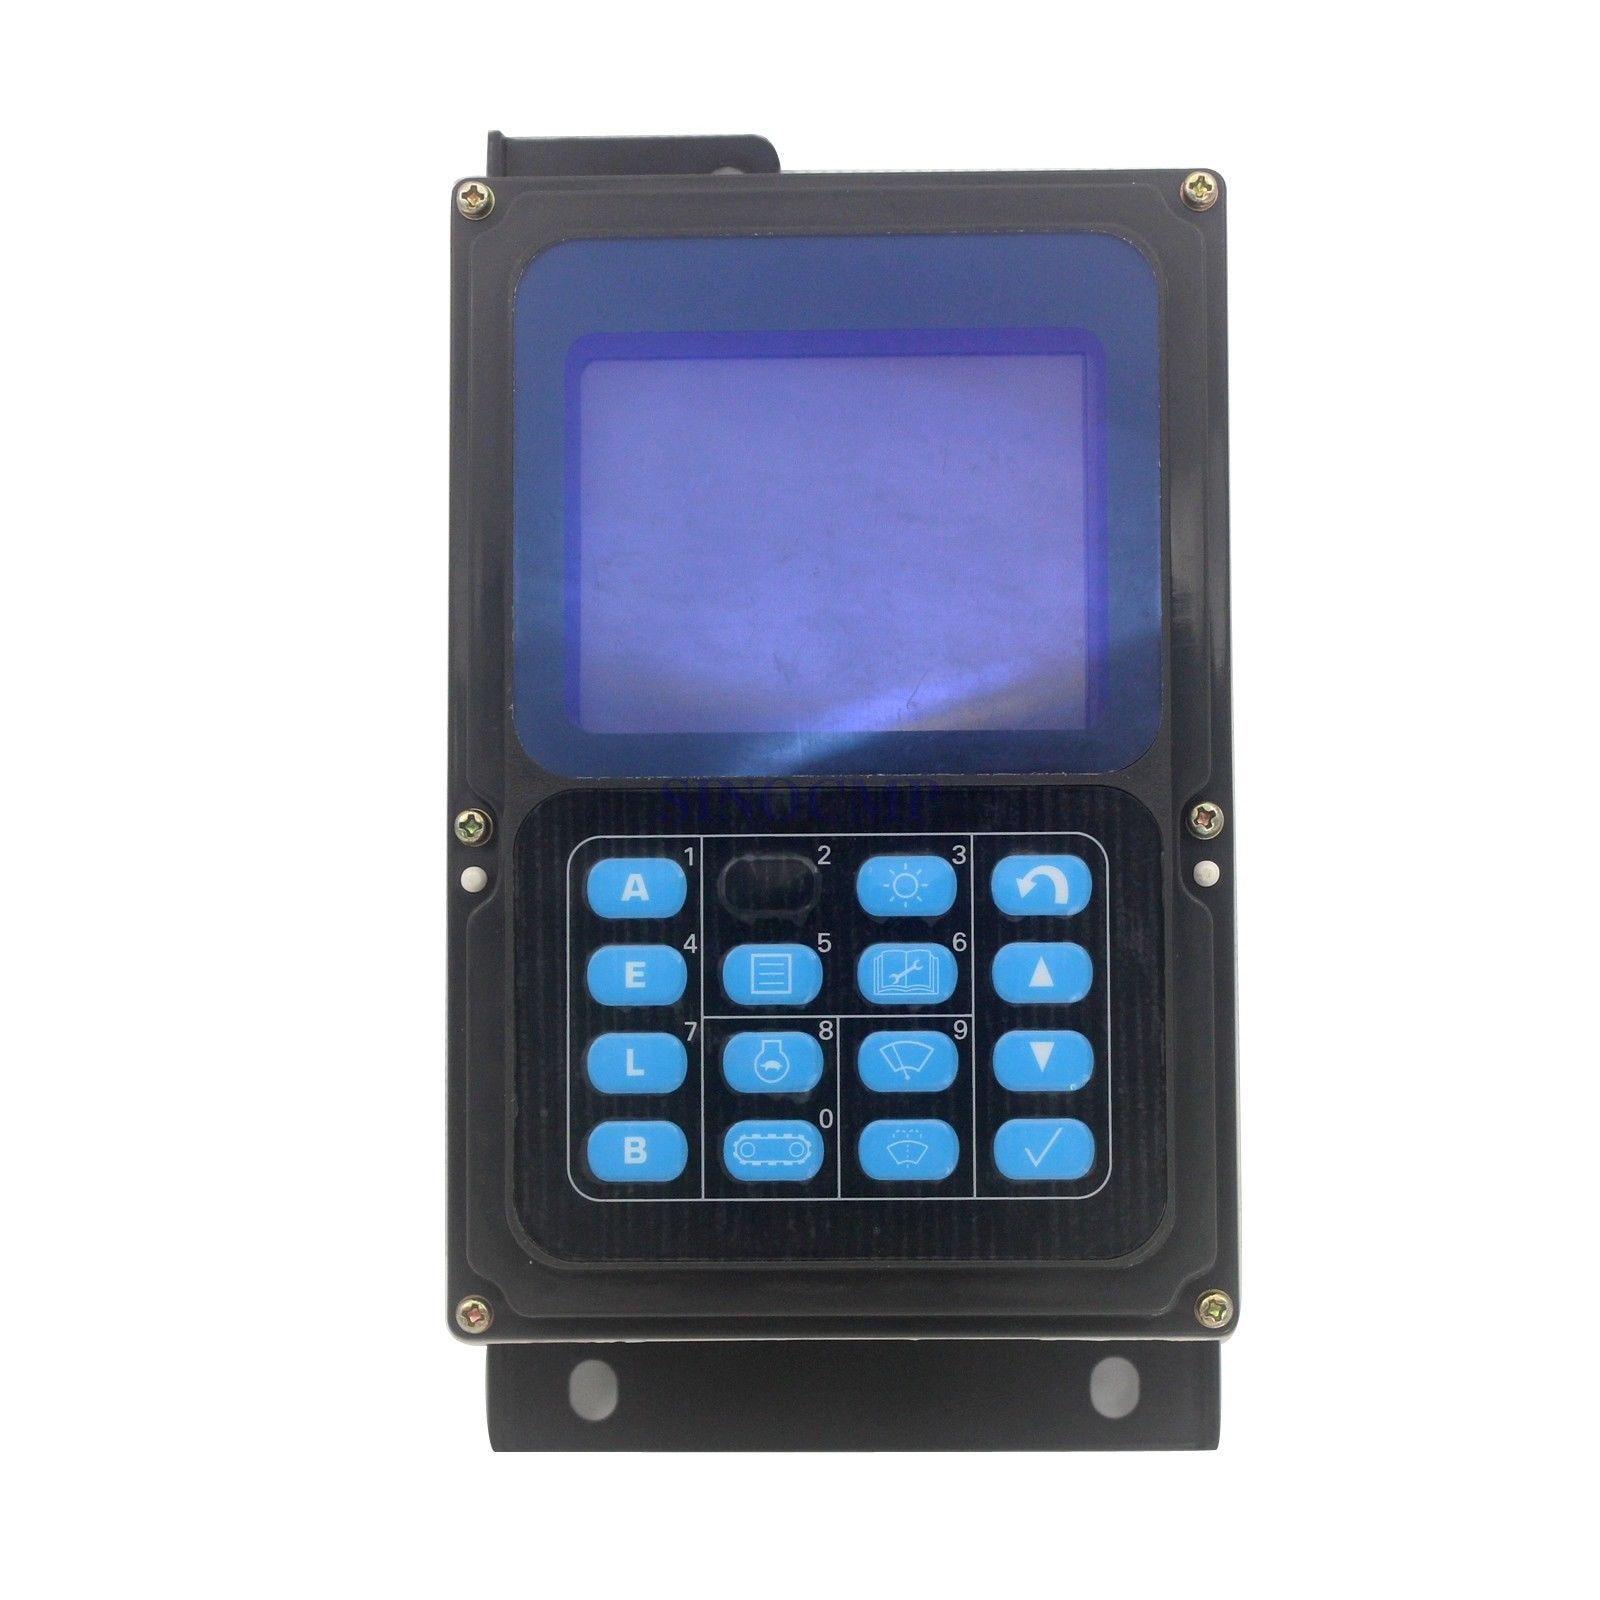 7835 12 1014 monitora panel wyświetlacza do Komatsu PC160 7 PC200 7, 1 rok gwarancji w Reaktywne regulatory mocy od Majsterkowanie na AliExpress - 11.11_Double 11Singles' Day 1